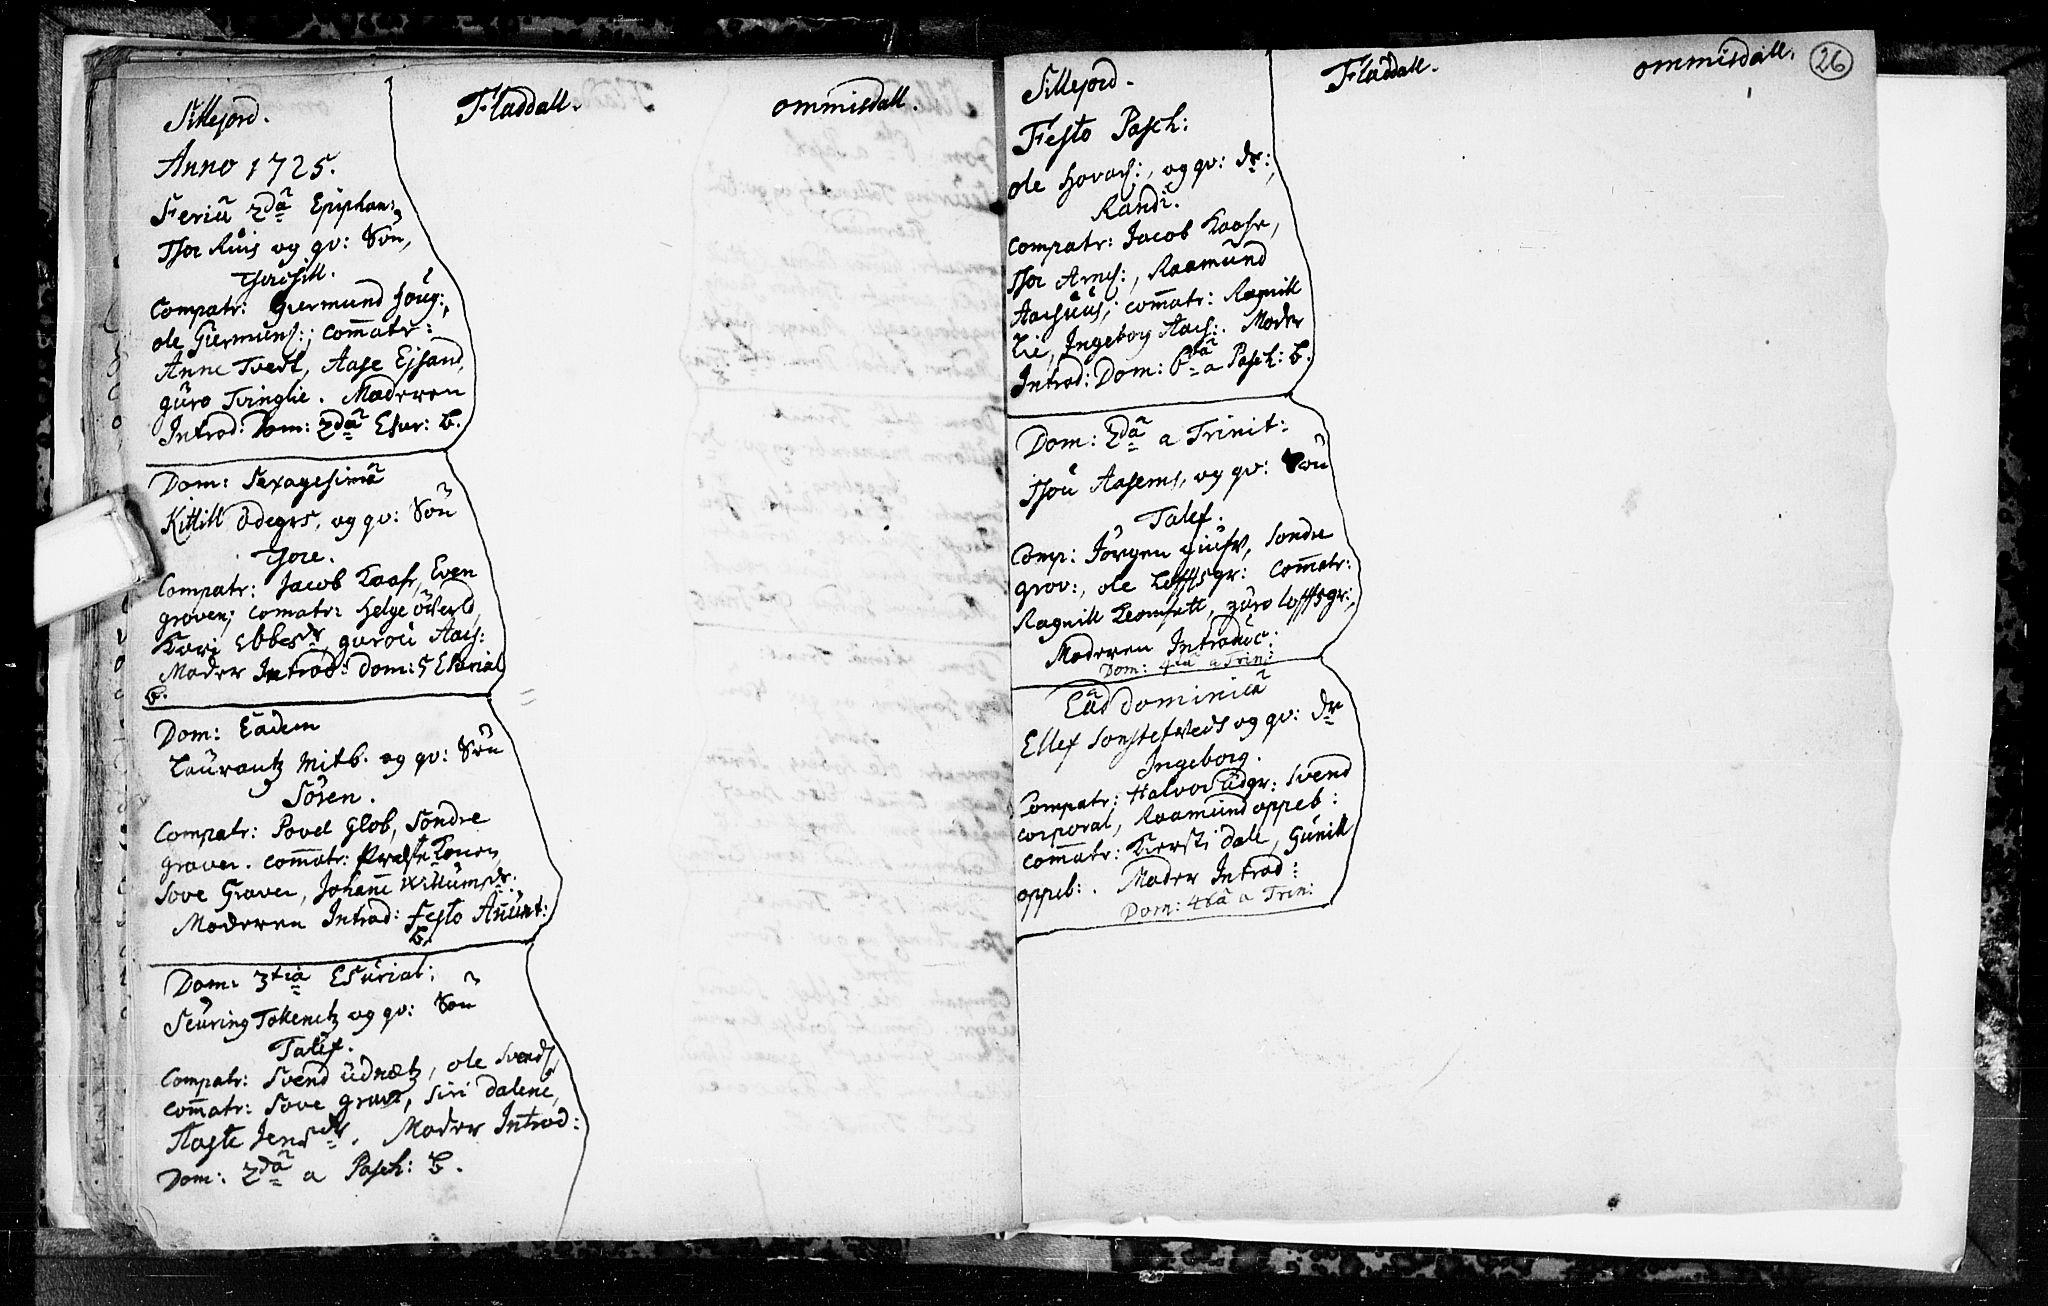 SAKO, Seljord kirkebøker, F/Fa/L0003: Ministerialbok nr. I 3, 1714-1725, s. 26